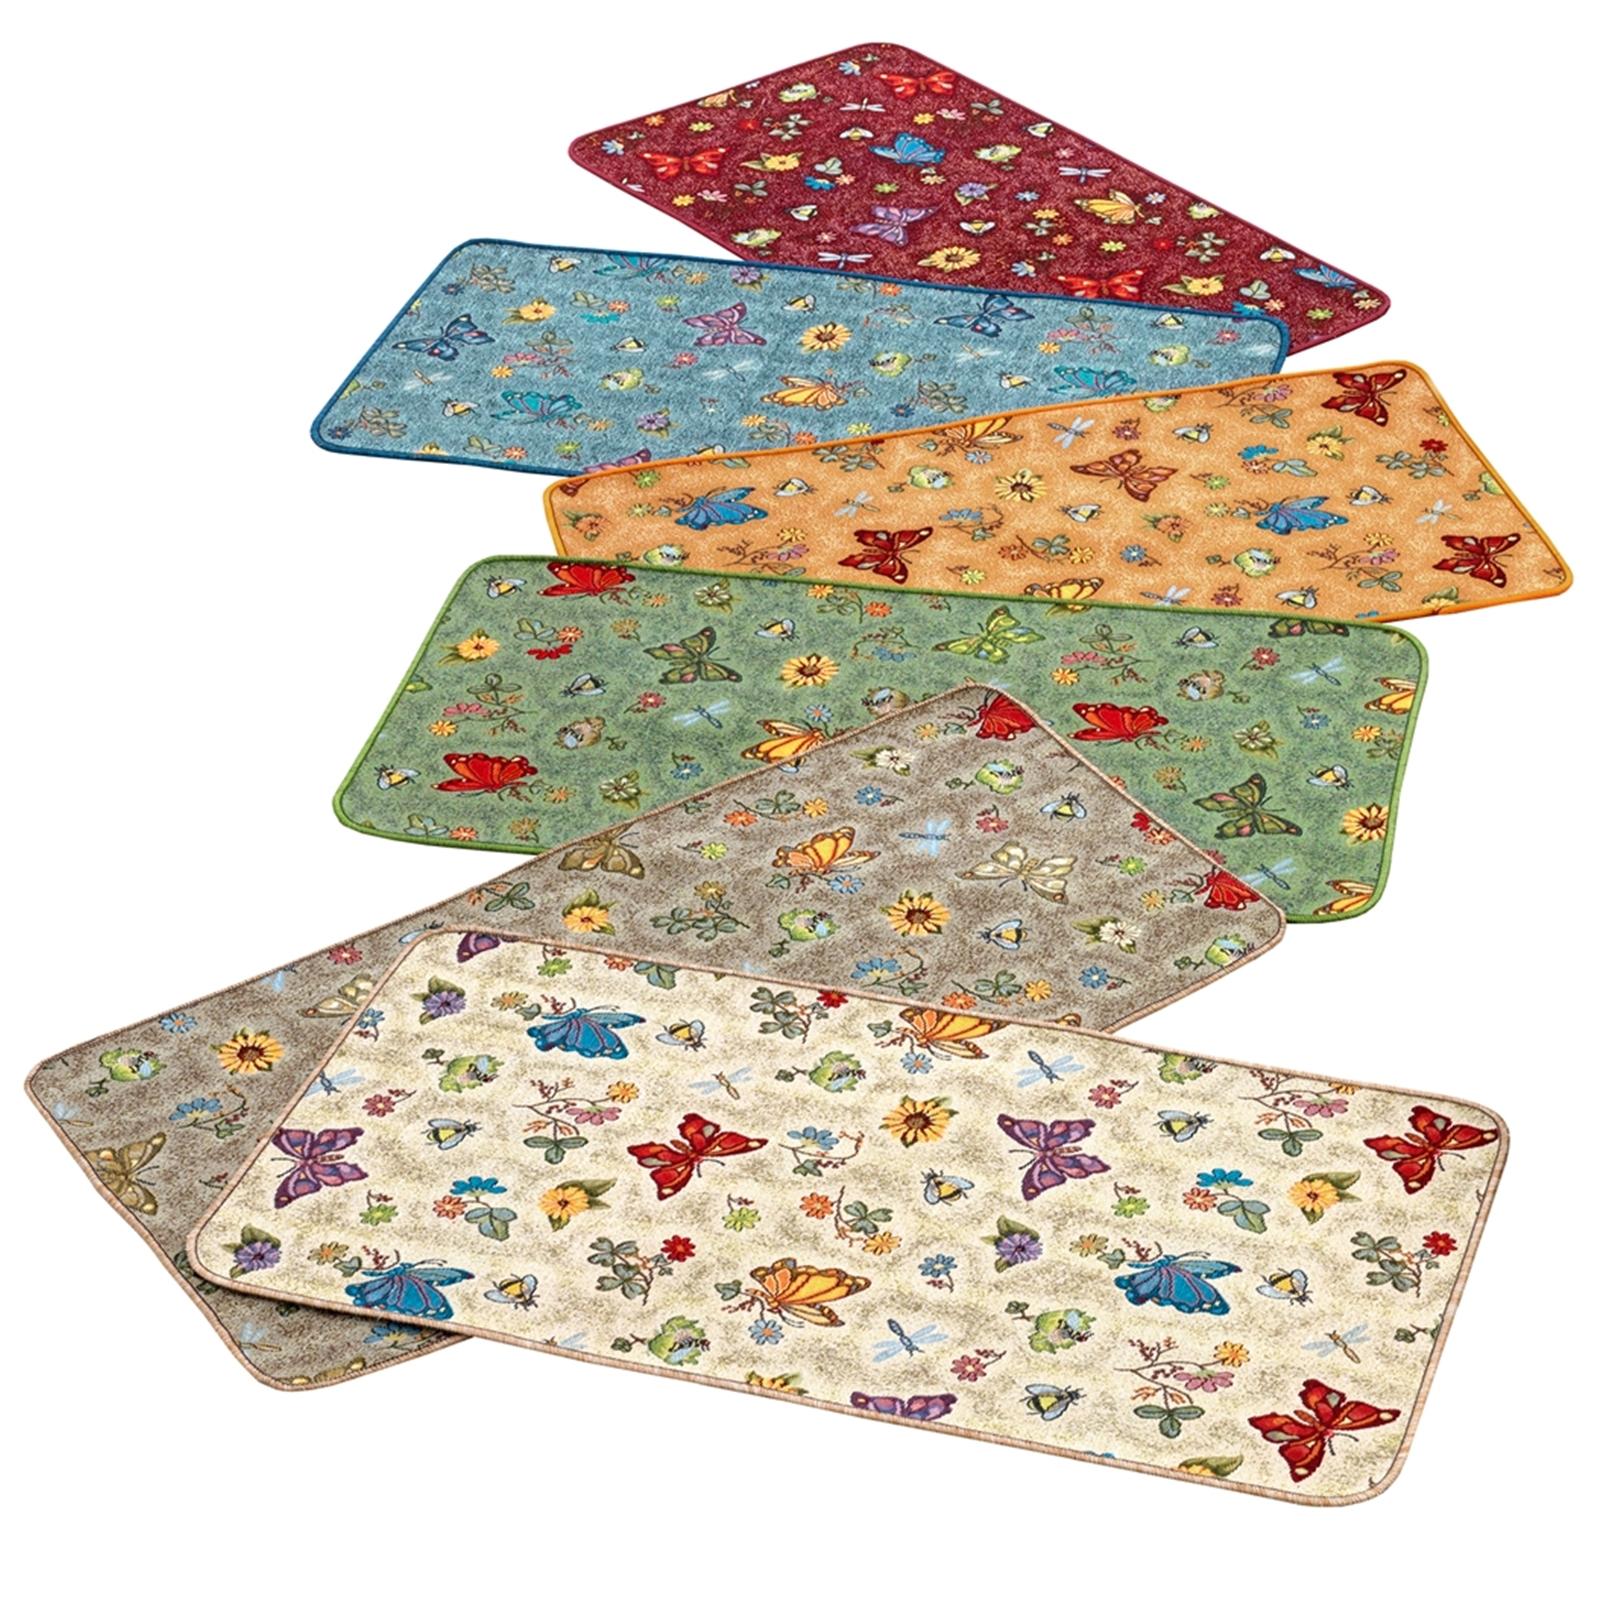 Tappeto antiscivolo farfalle cose di casa un mondo di accessori per la casa - Tappeti per bagno bassetti ...